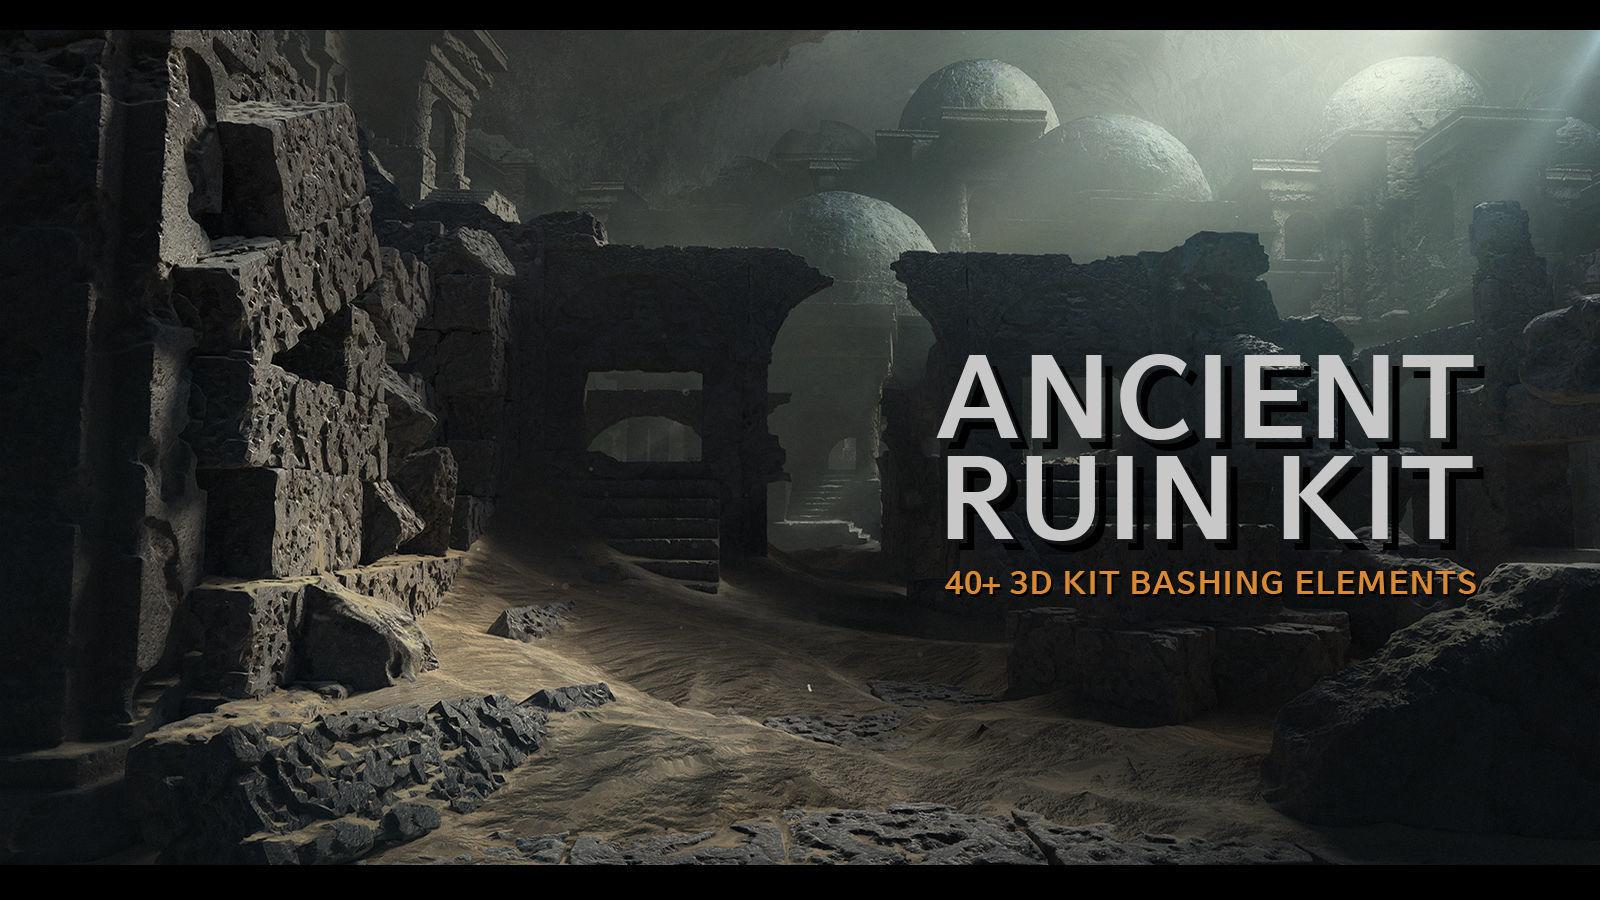 Ancient Ruin Kit - 40 plus Elements